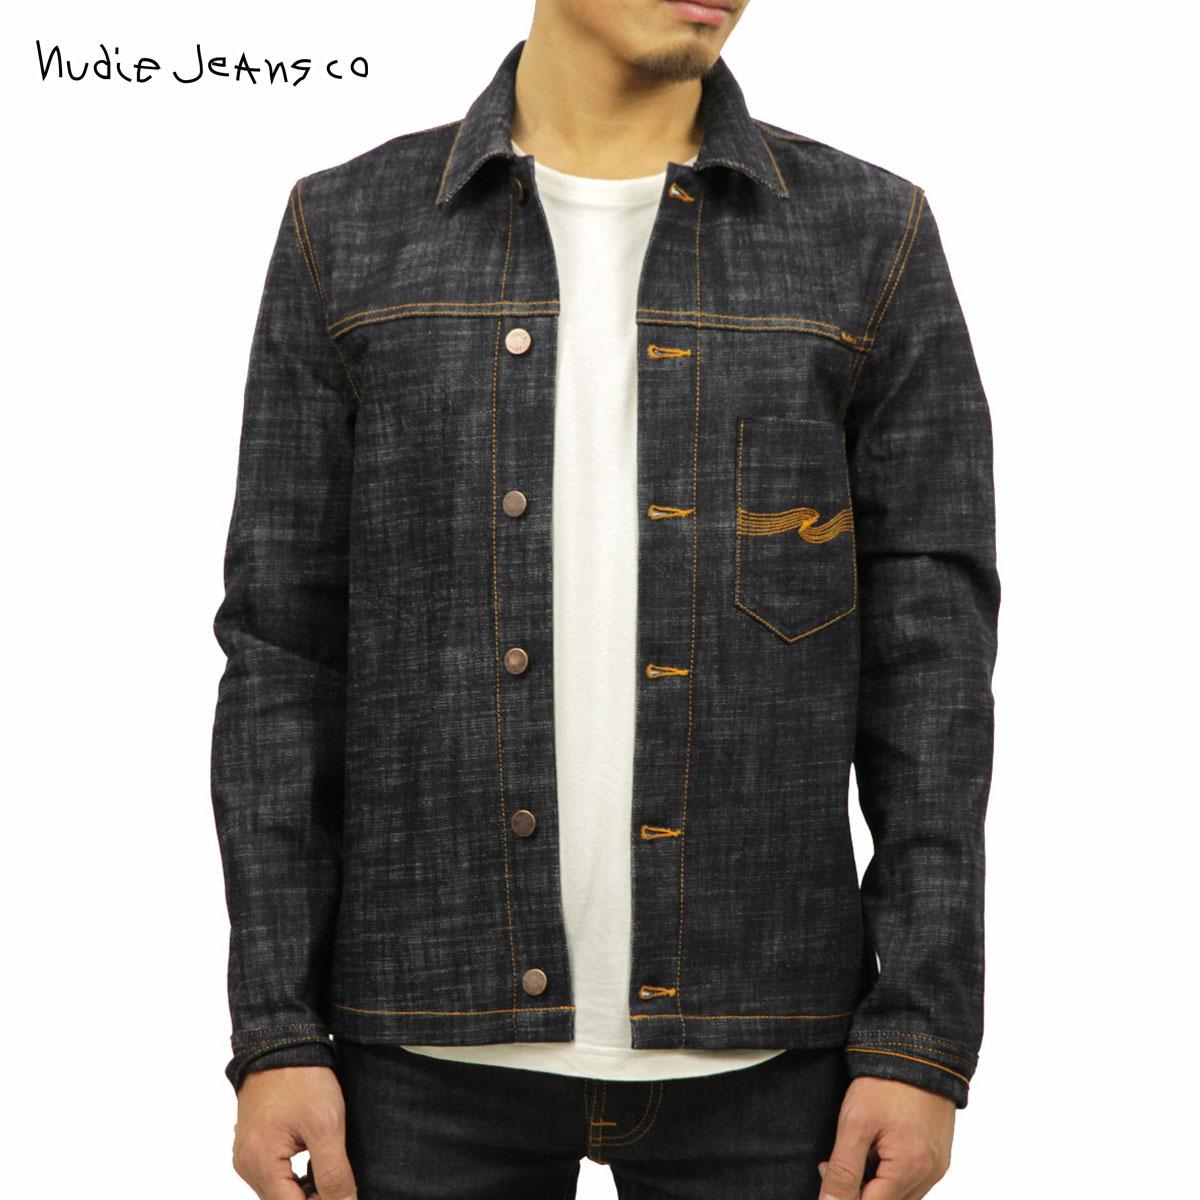 ヌーディージーンズ Nudie Jeans 正規販売店 メンズ アウター デニムジャケット RONNY DRY CROSS DENIM JACKET 160569 B26 DENIM